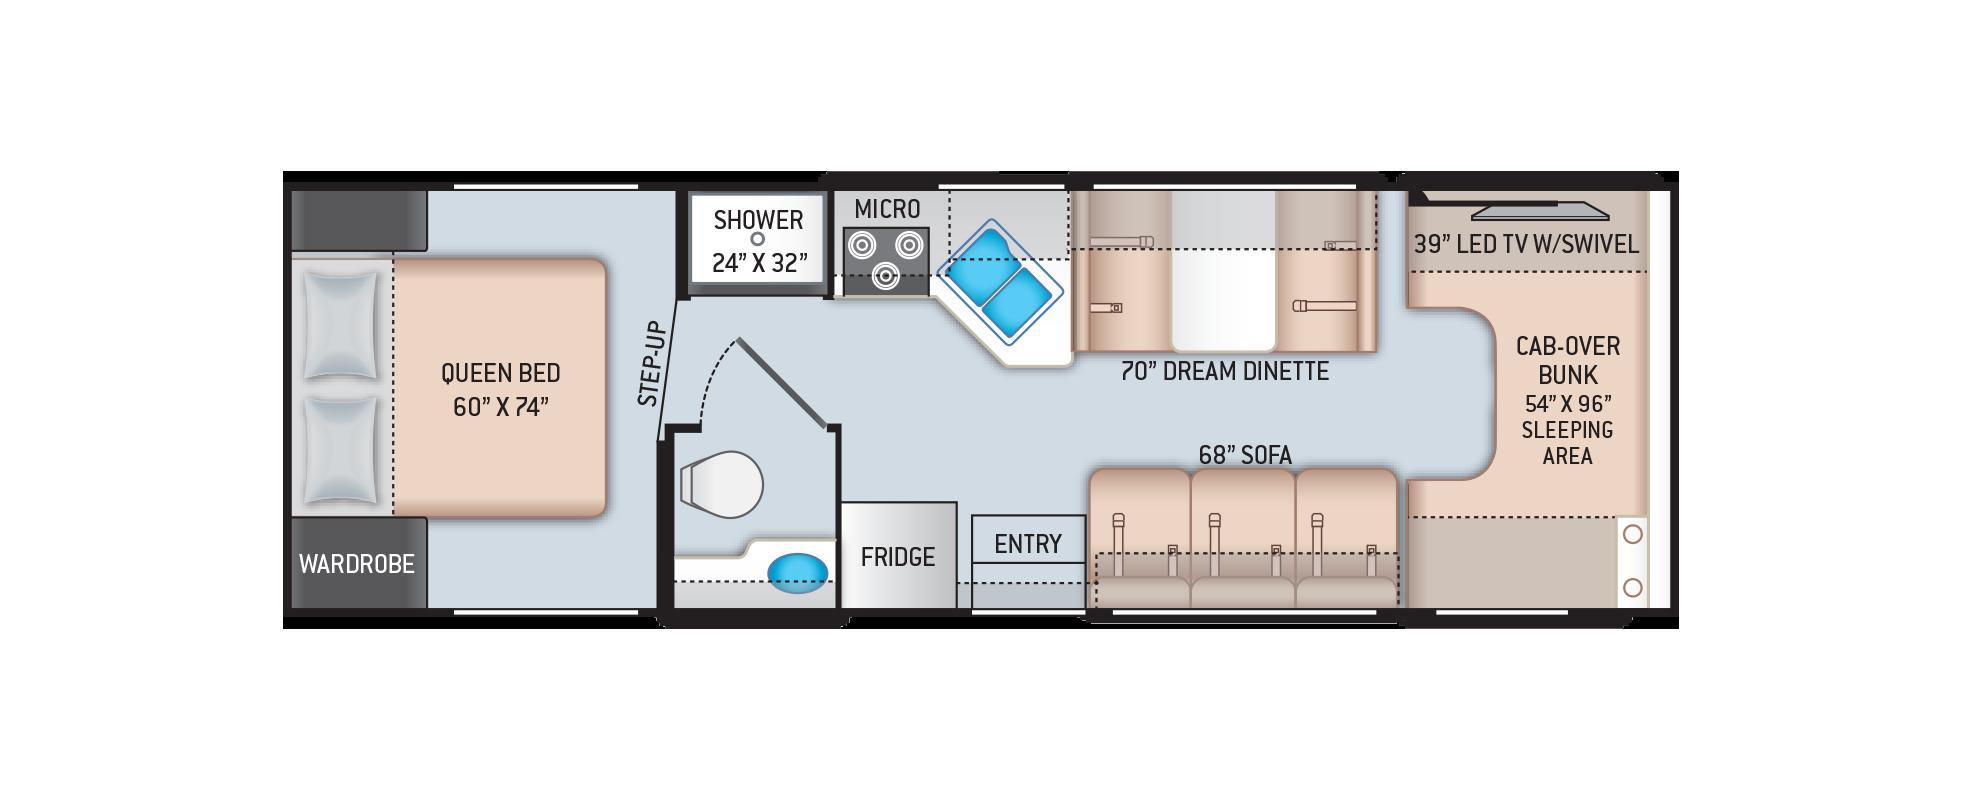 Four Winds Class C Motorhome 28A Floor Plan